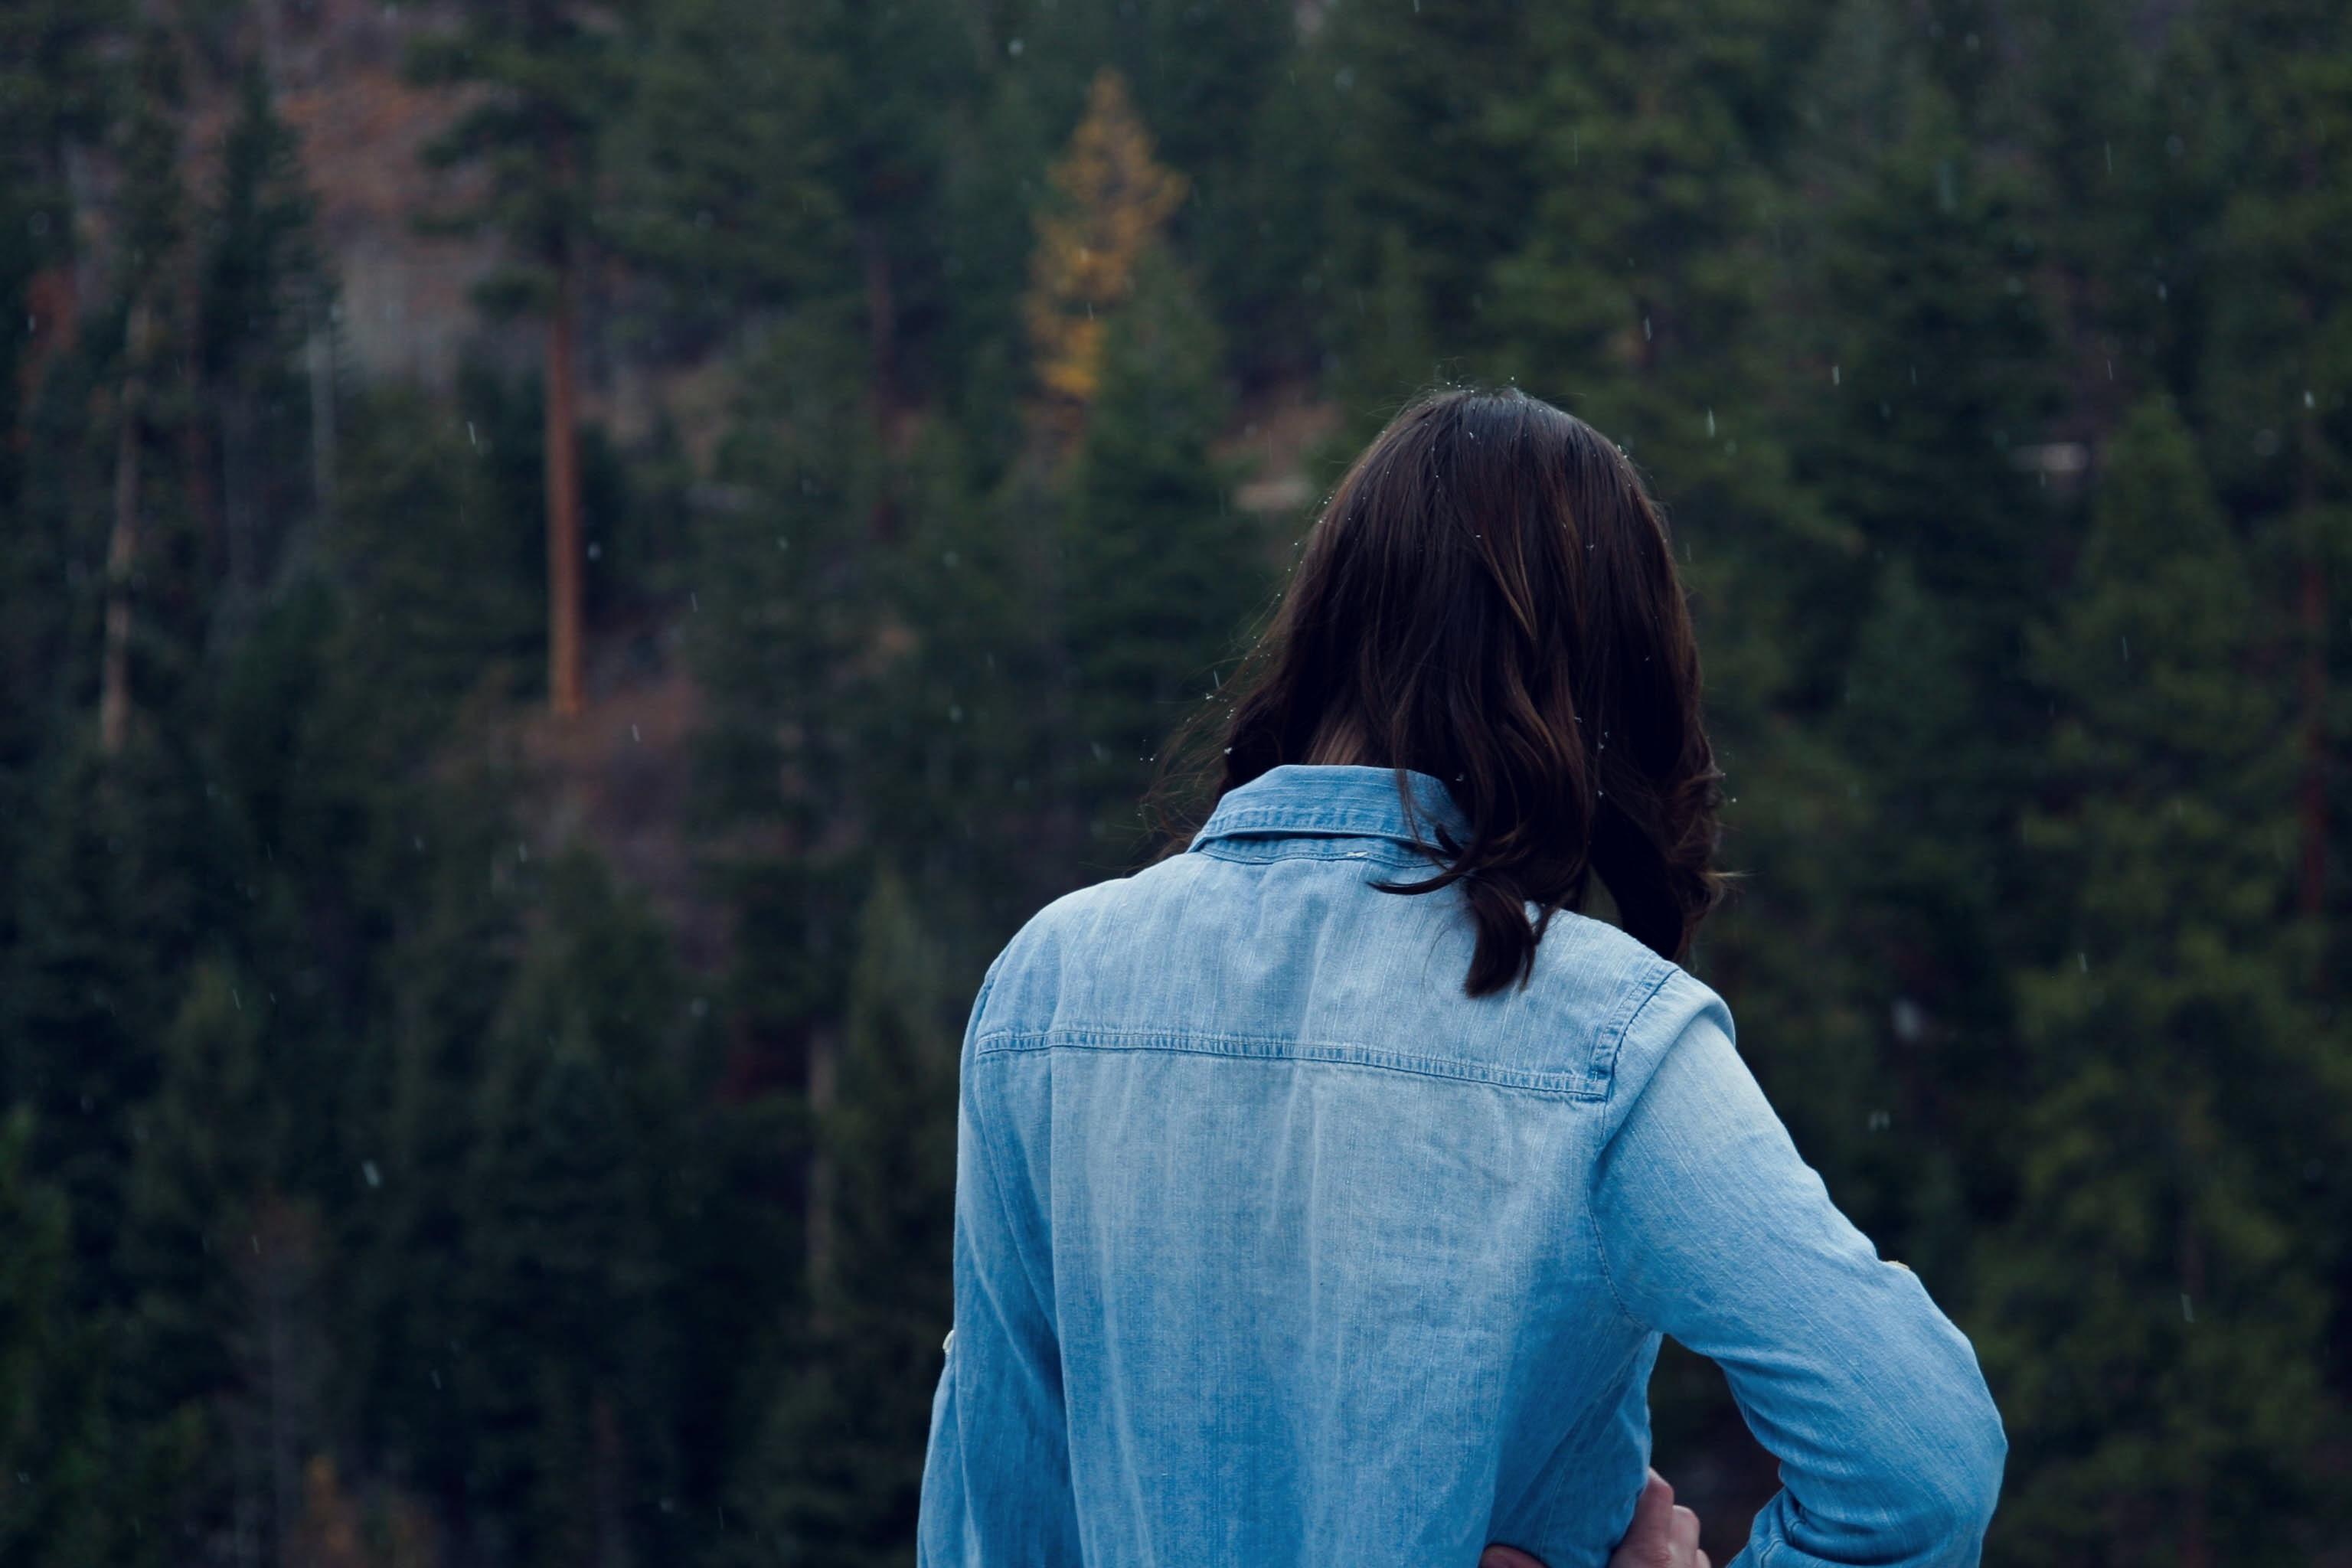 Gambar Pohon Alam Hutan Gunung Musim Dingin Gadis Wanita